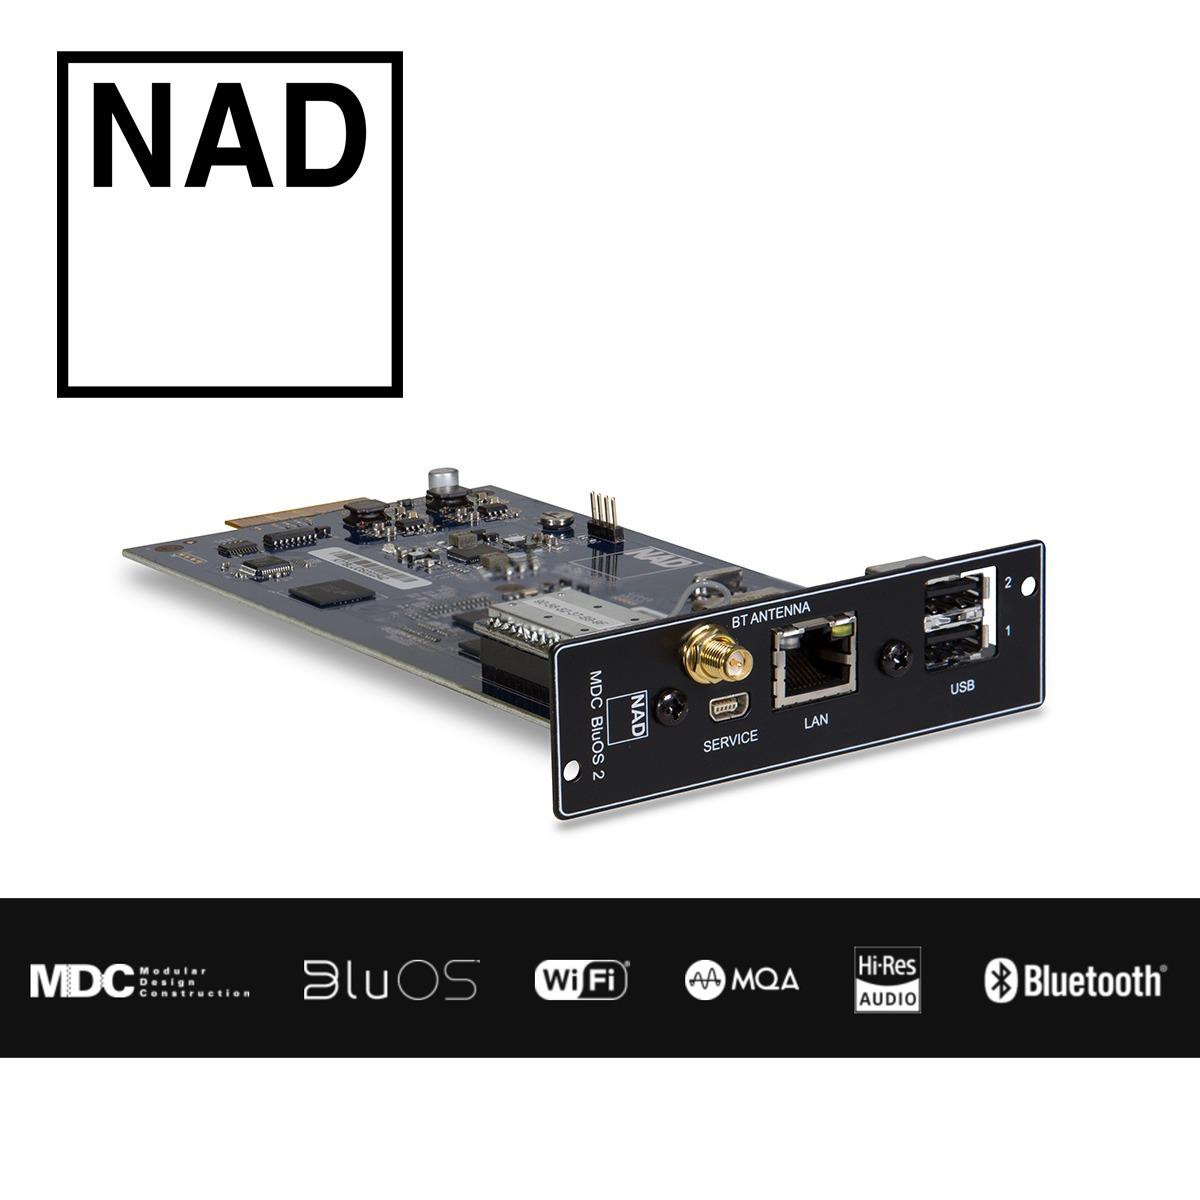 NAD Module MDC BluOS 2